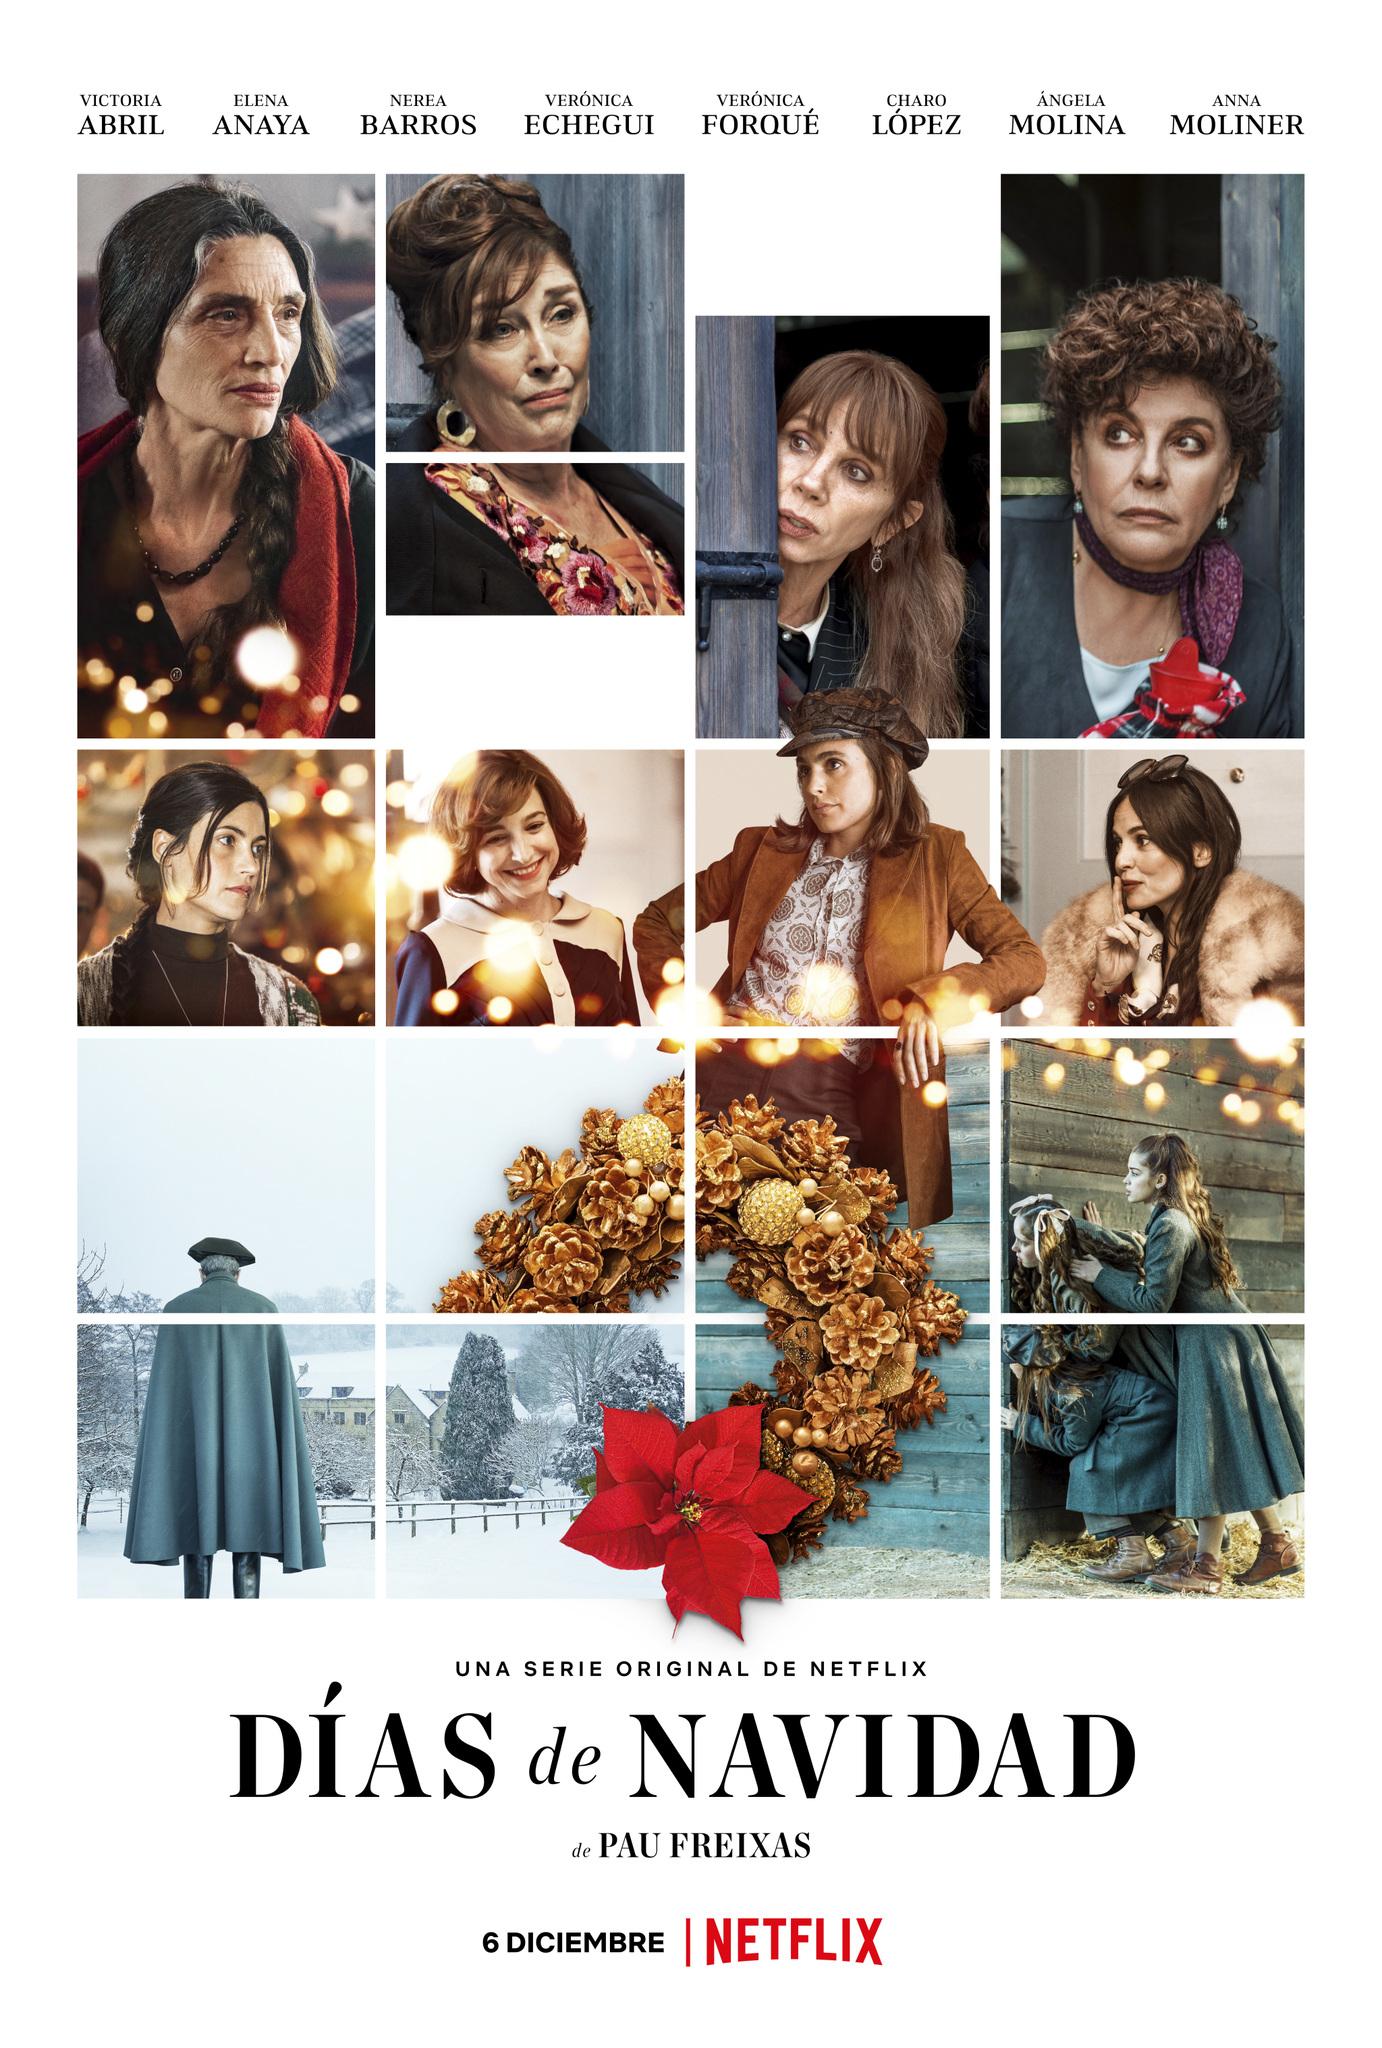 Días de Navidad - Poster.jpg